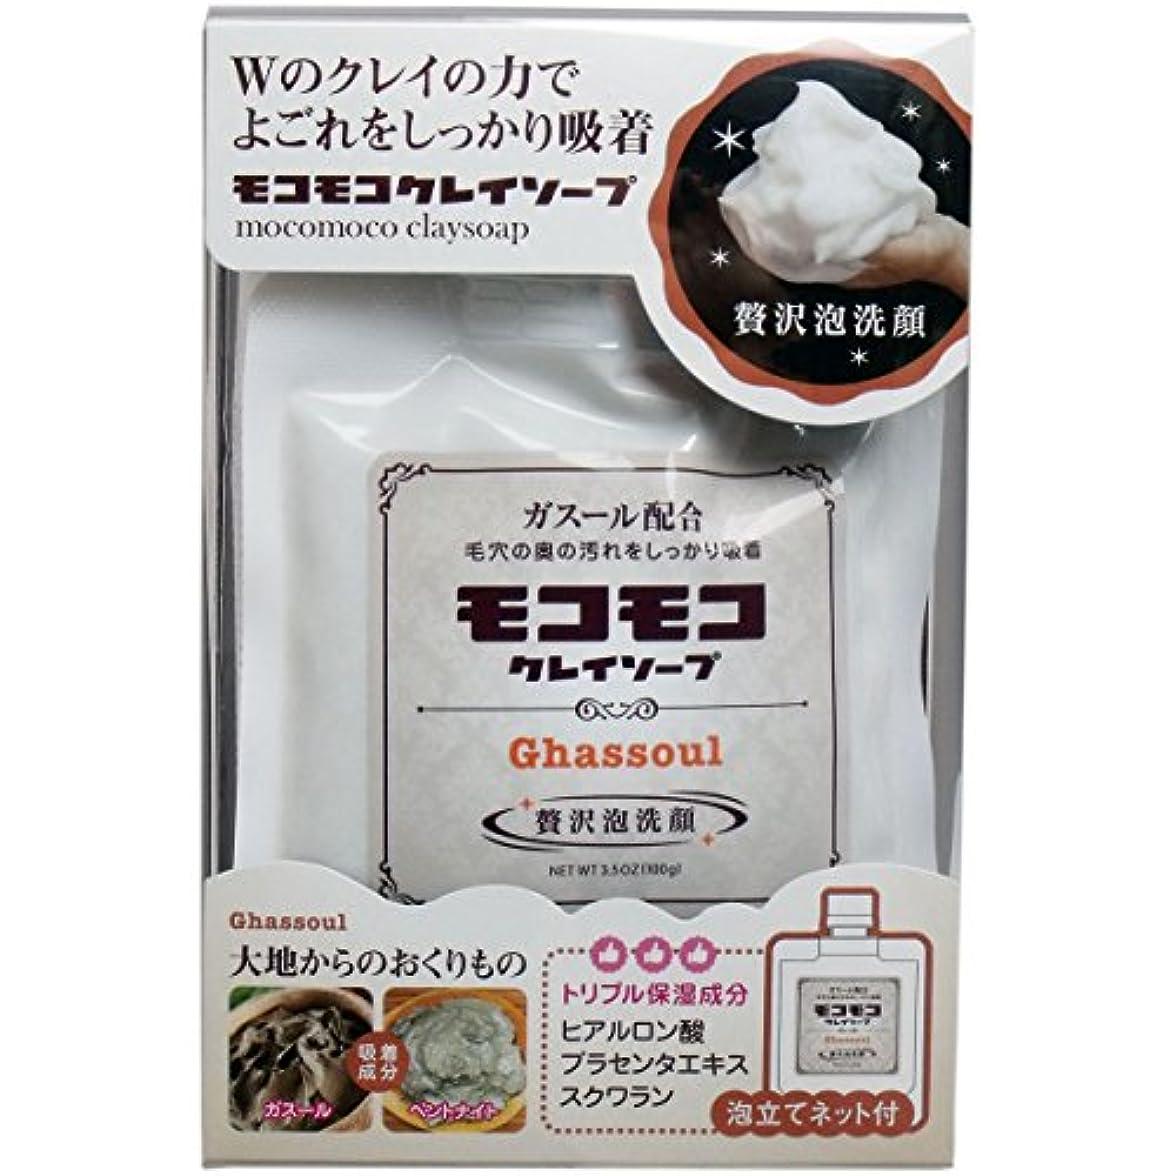 買うコテージ突撃モコモコソープ (3個, モコモコクレイソープ)